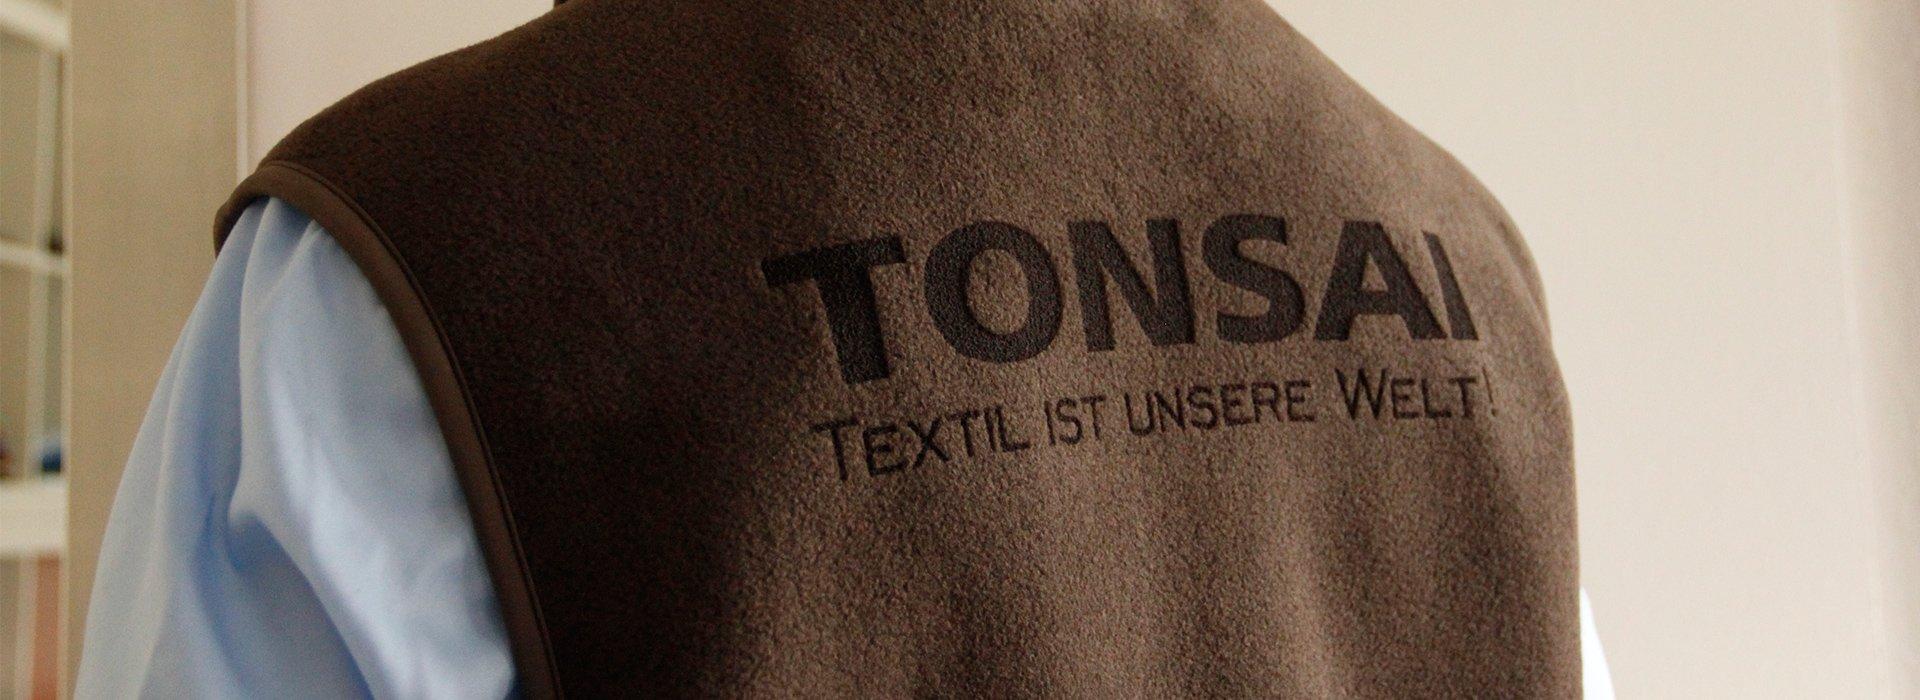 Laserung, eine moderne Art der Logodarstellung. Hier auf einem Fleece-Gilet.